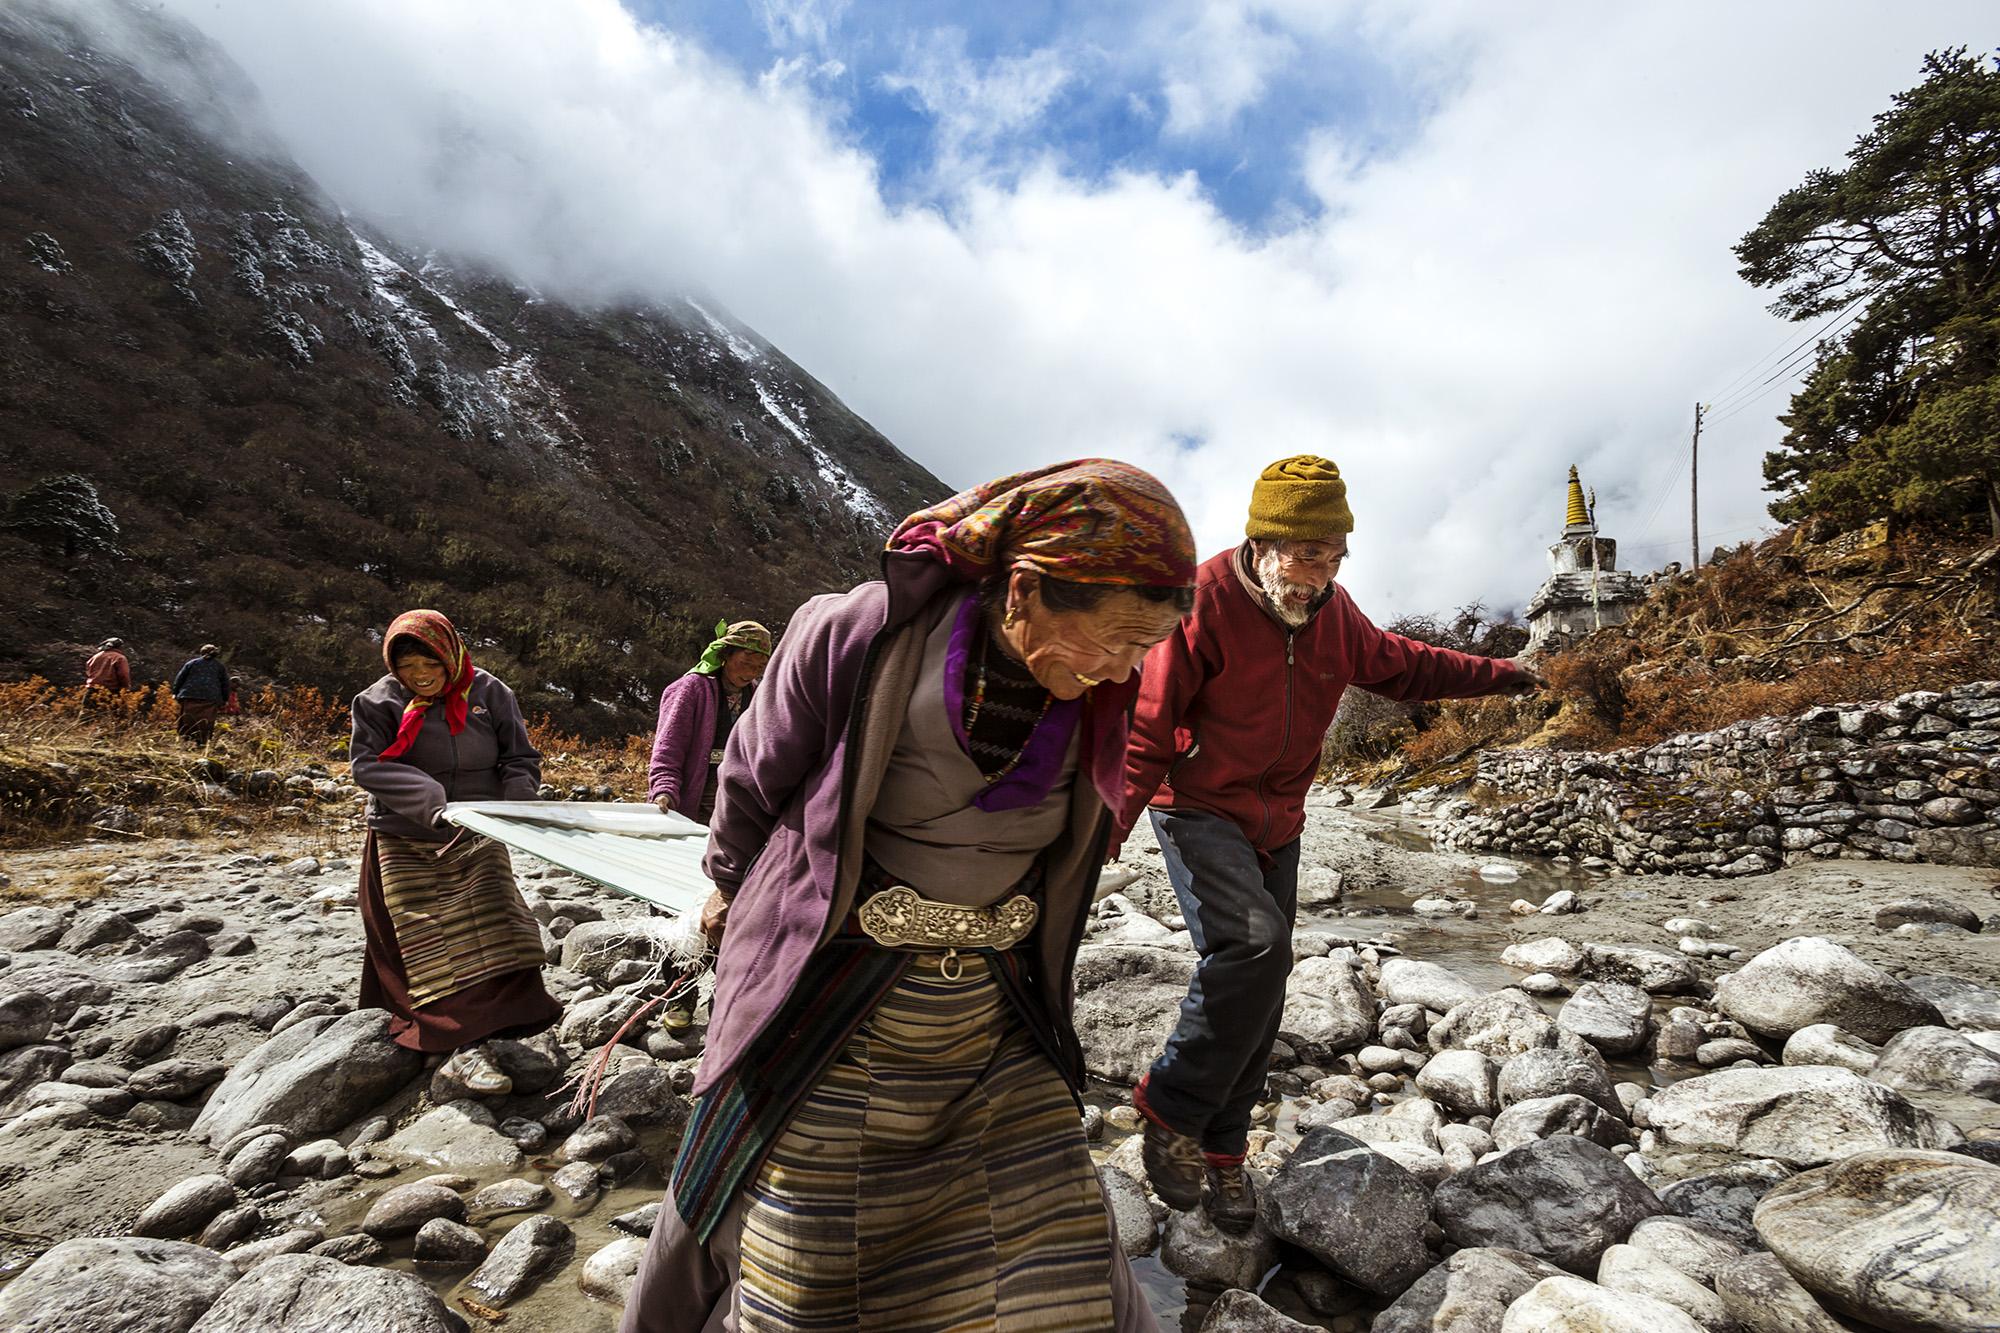 Reportage | Losan Piatti - Fotografo Italia_Nepal 2015_Beding Village Sherpa